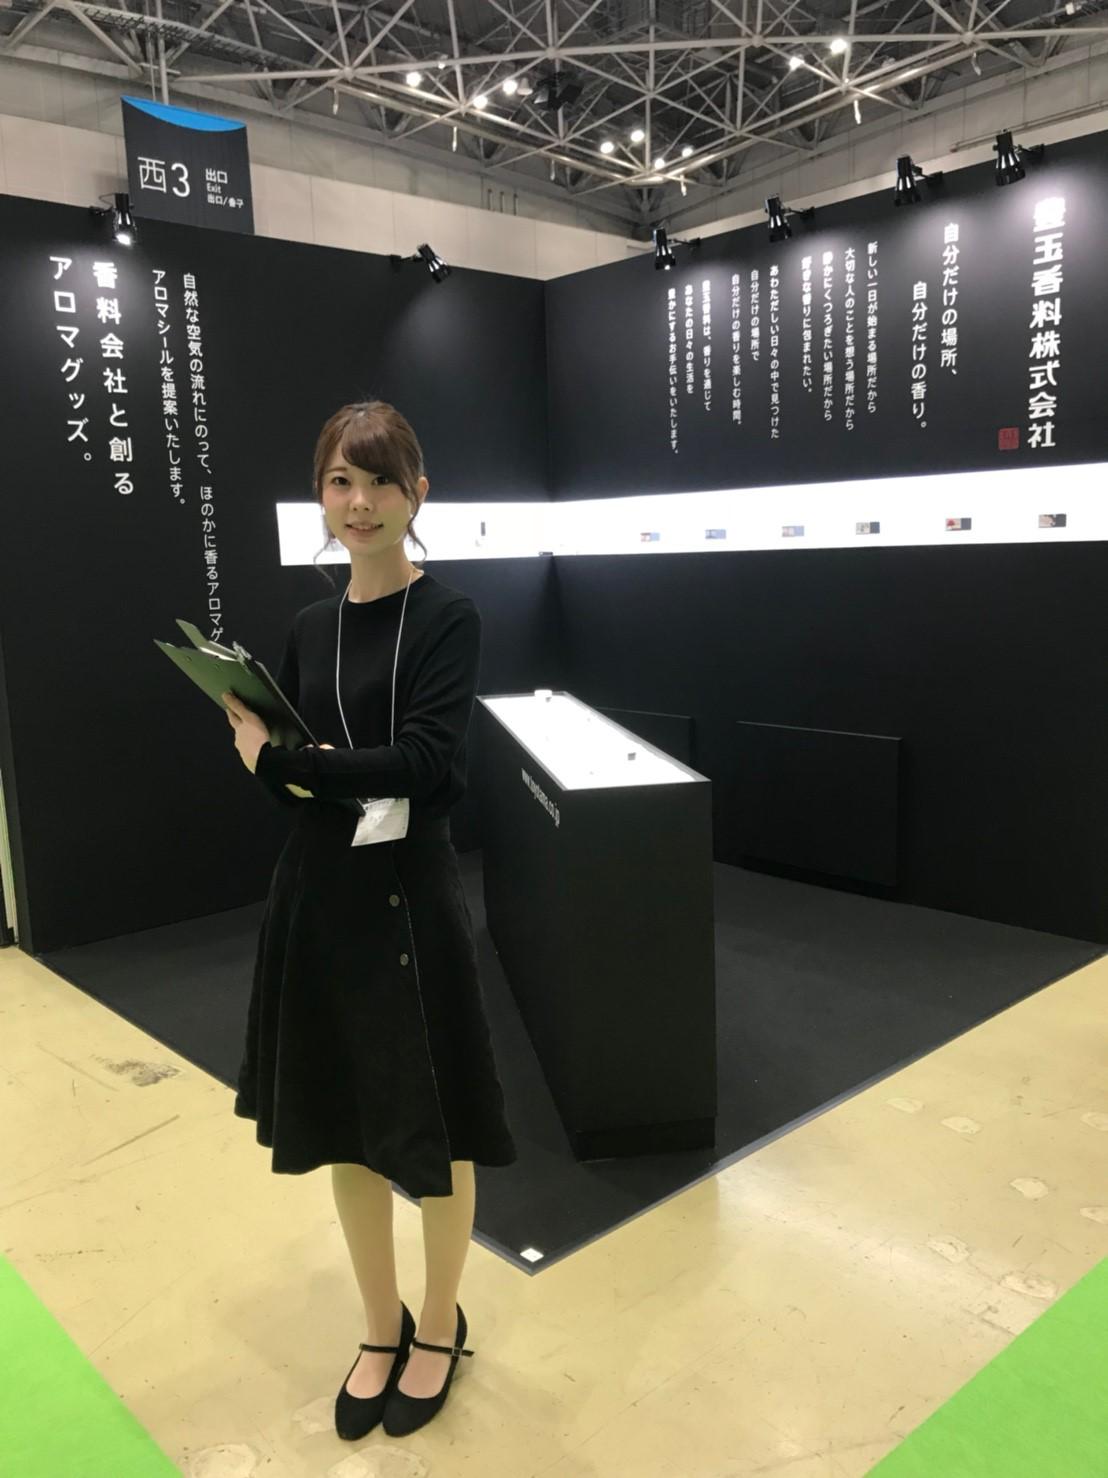 第1回香りデザイン東京@東京ビックサイト